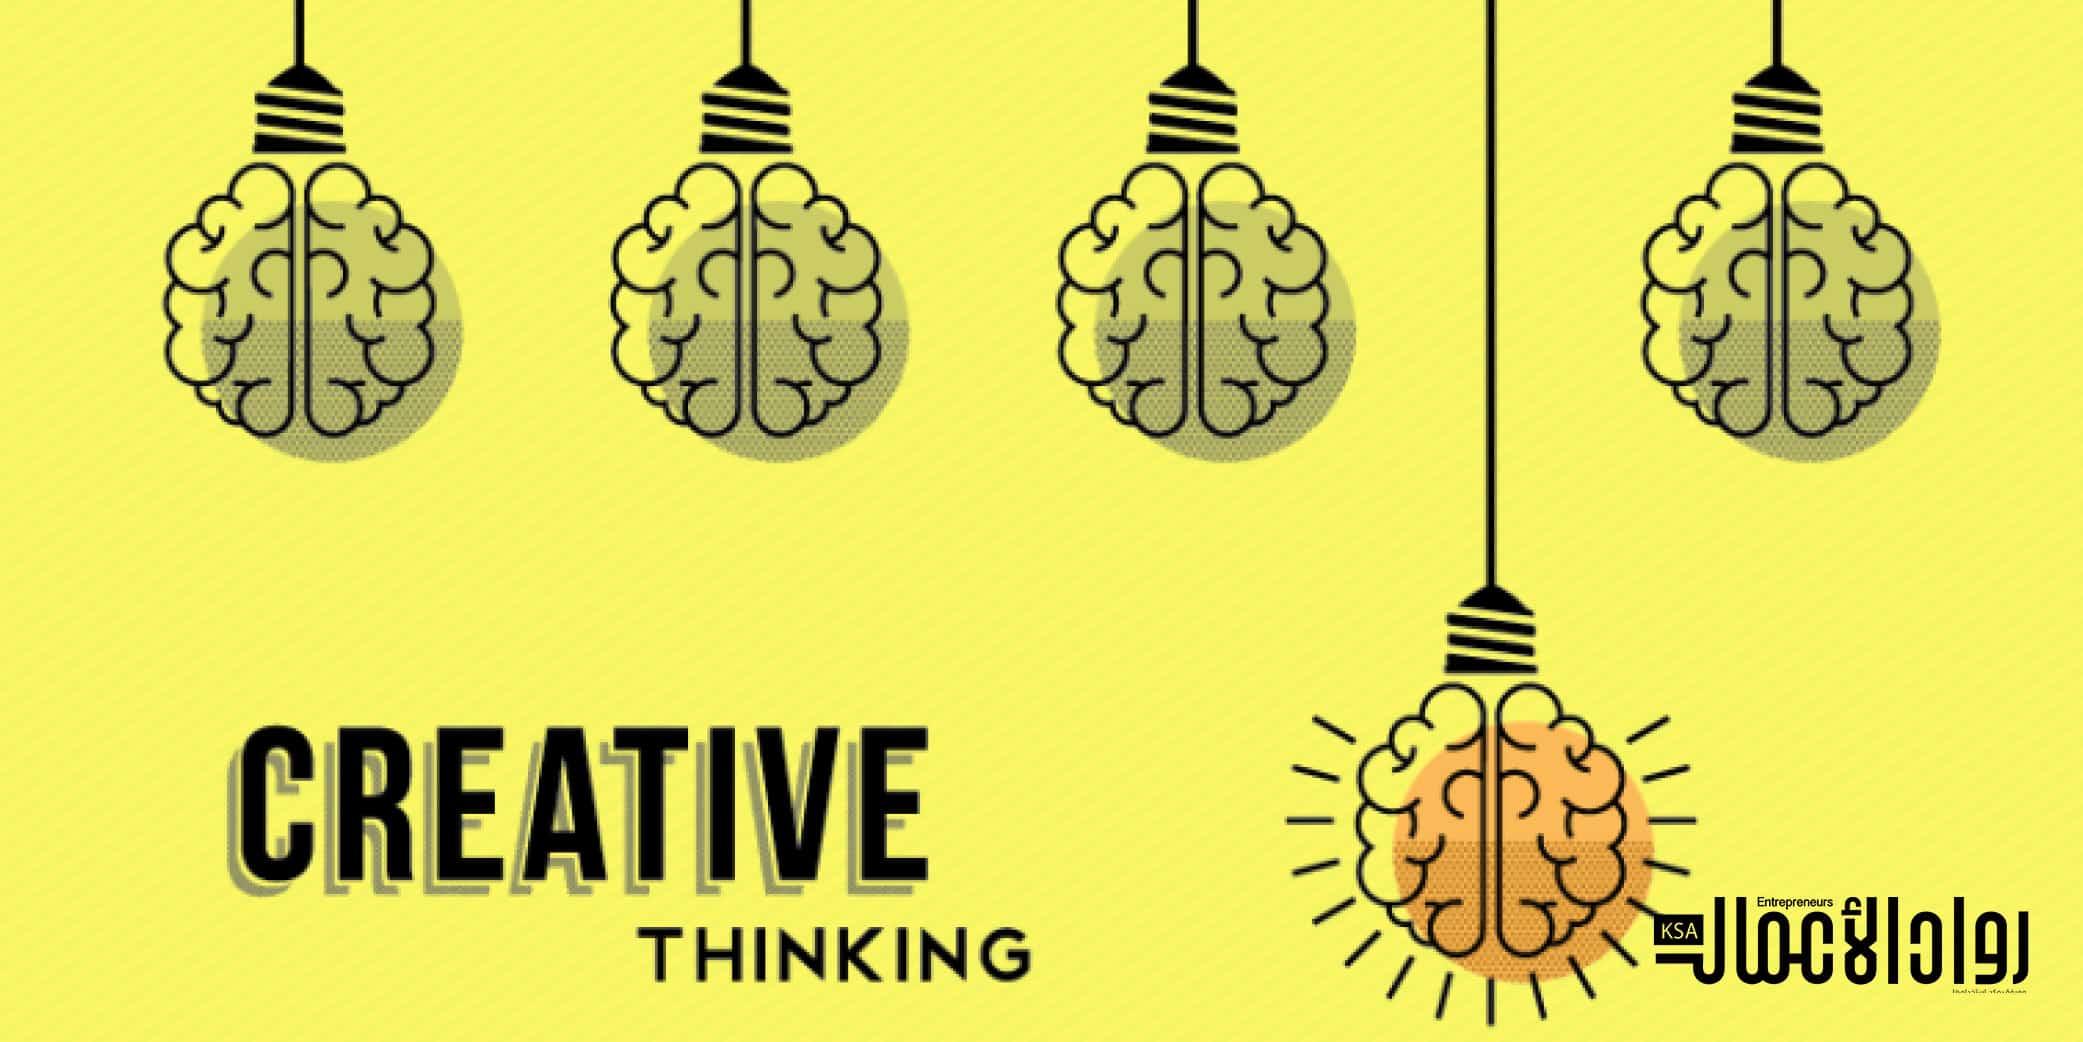 معوقات التفكير الإبداعي وكيفية التغلب عليها مجلة رواد الأعمال